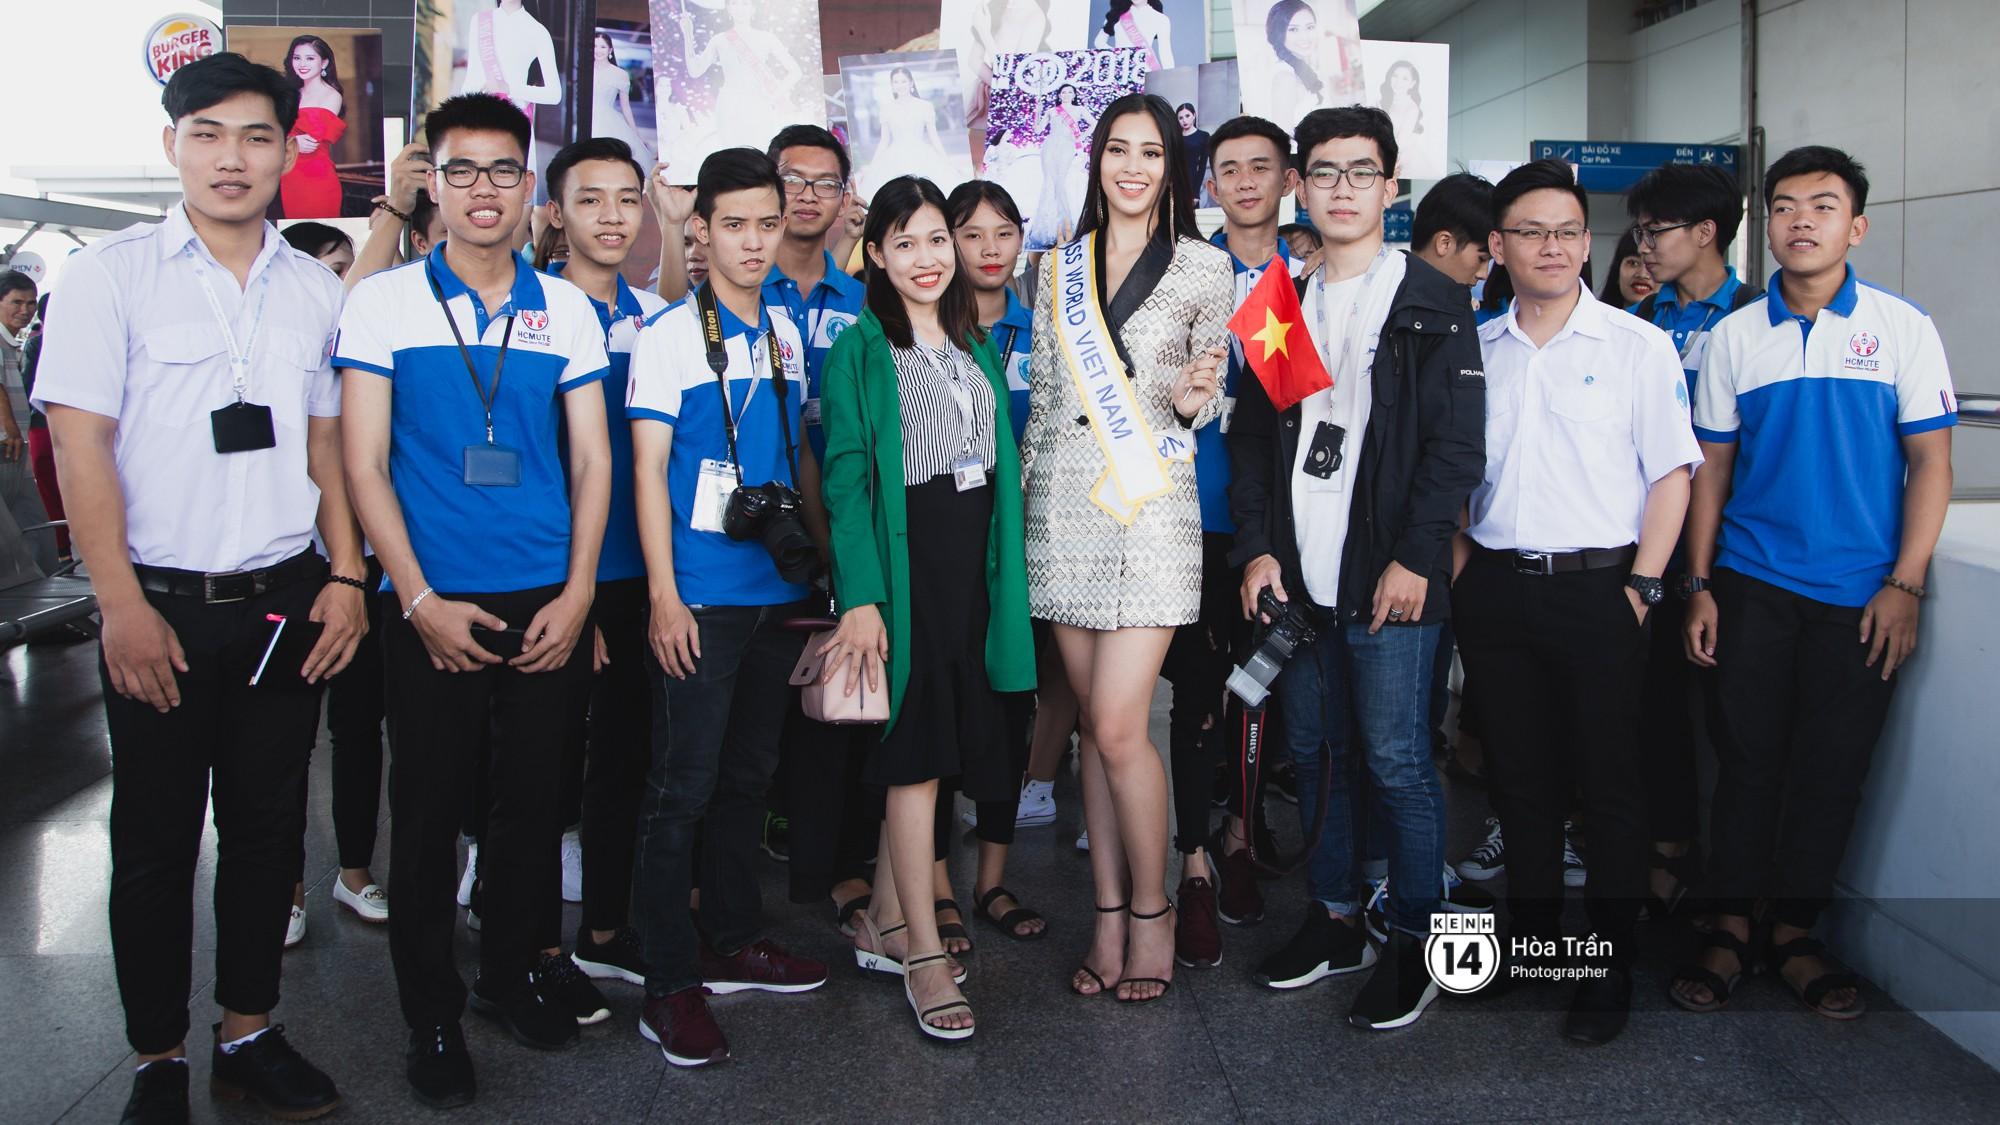 Mẹ cùng người hâm mộ tiễn Trần Tiểu Vy lên đường sang Trung Quốc chinh chiến Miss World 2018 - Ảnh 10.